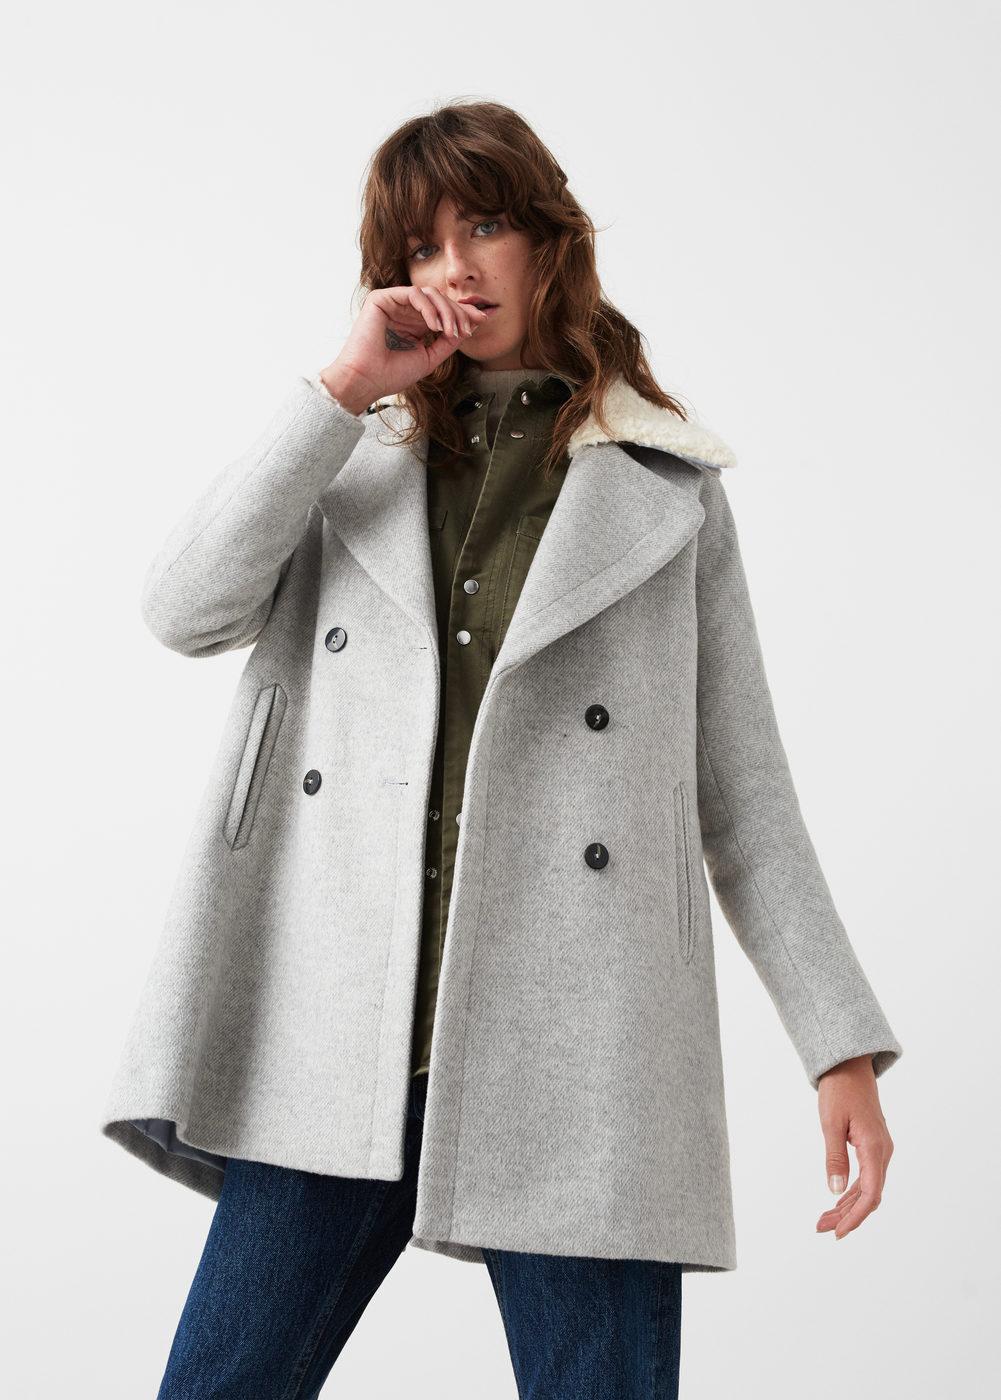 Femina Shopping 25 Manteaux Pour Cet Hiver